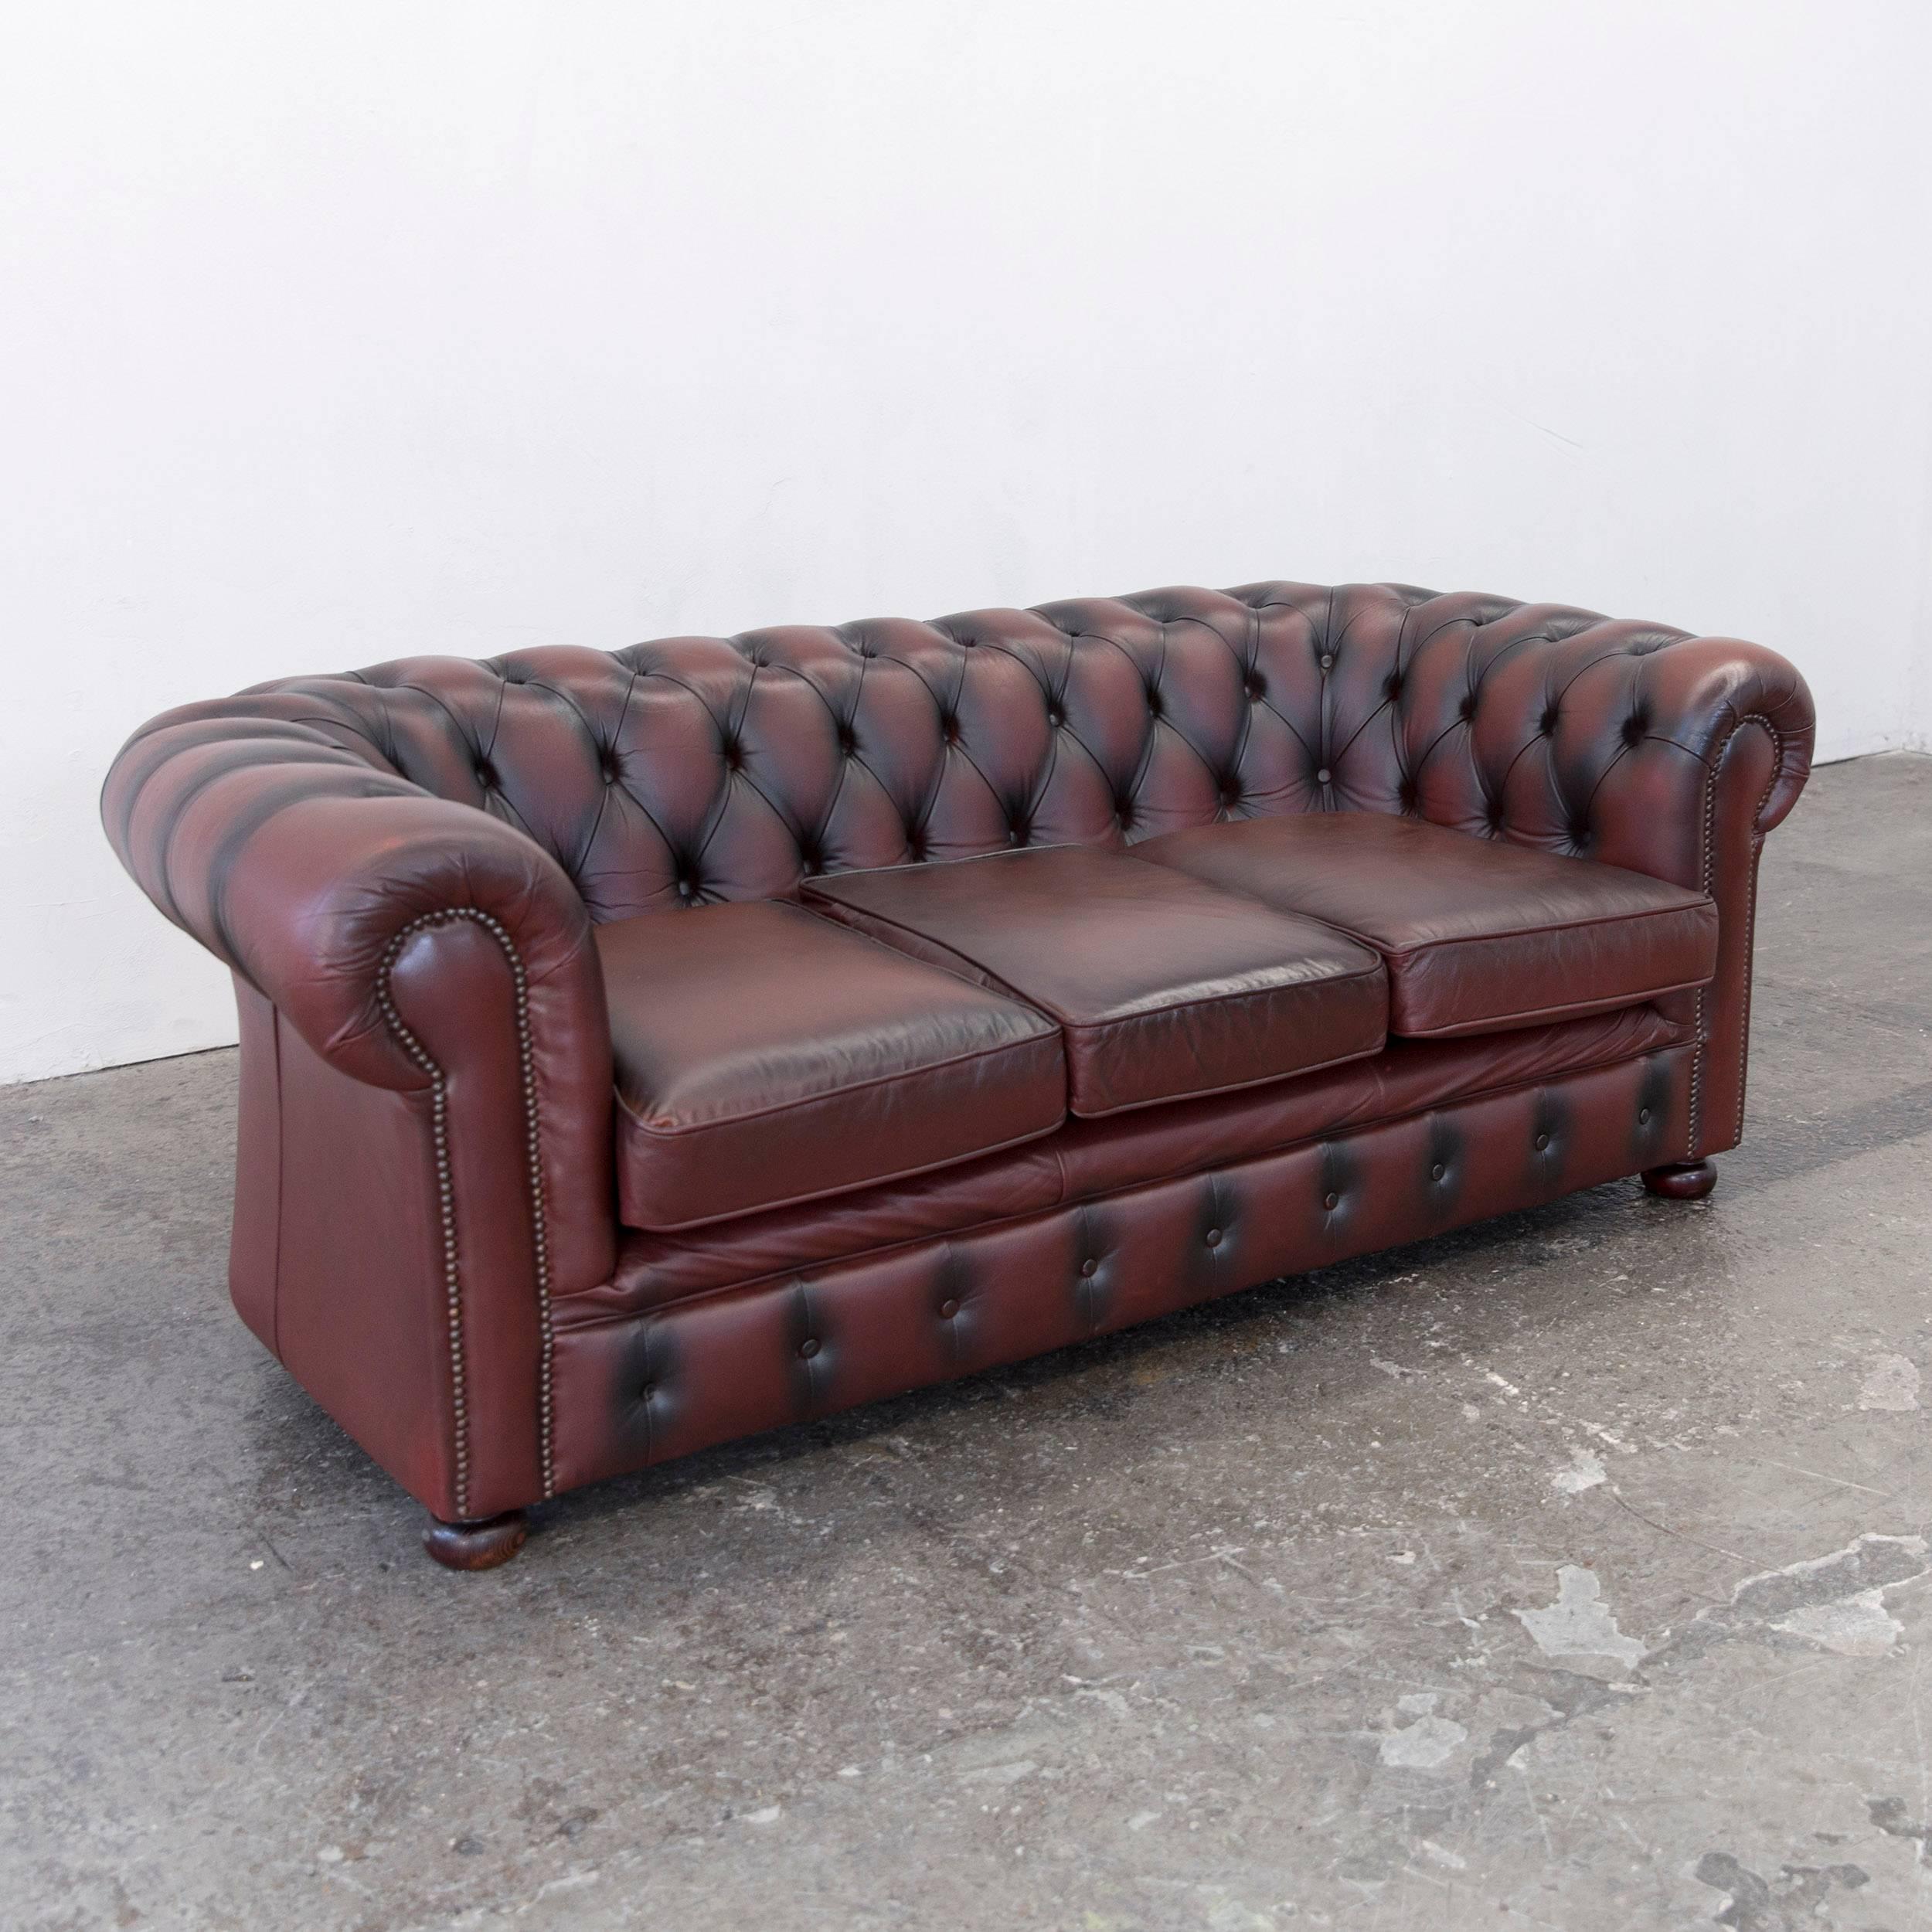 Vintage sofa kaufen vintage sofa kaufen with vintage sofa for Billige sofas gebraucht